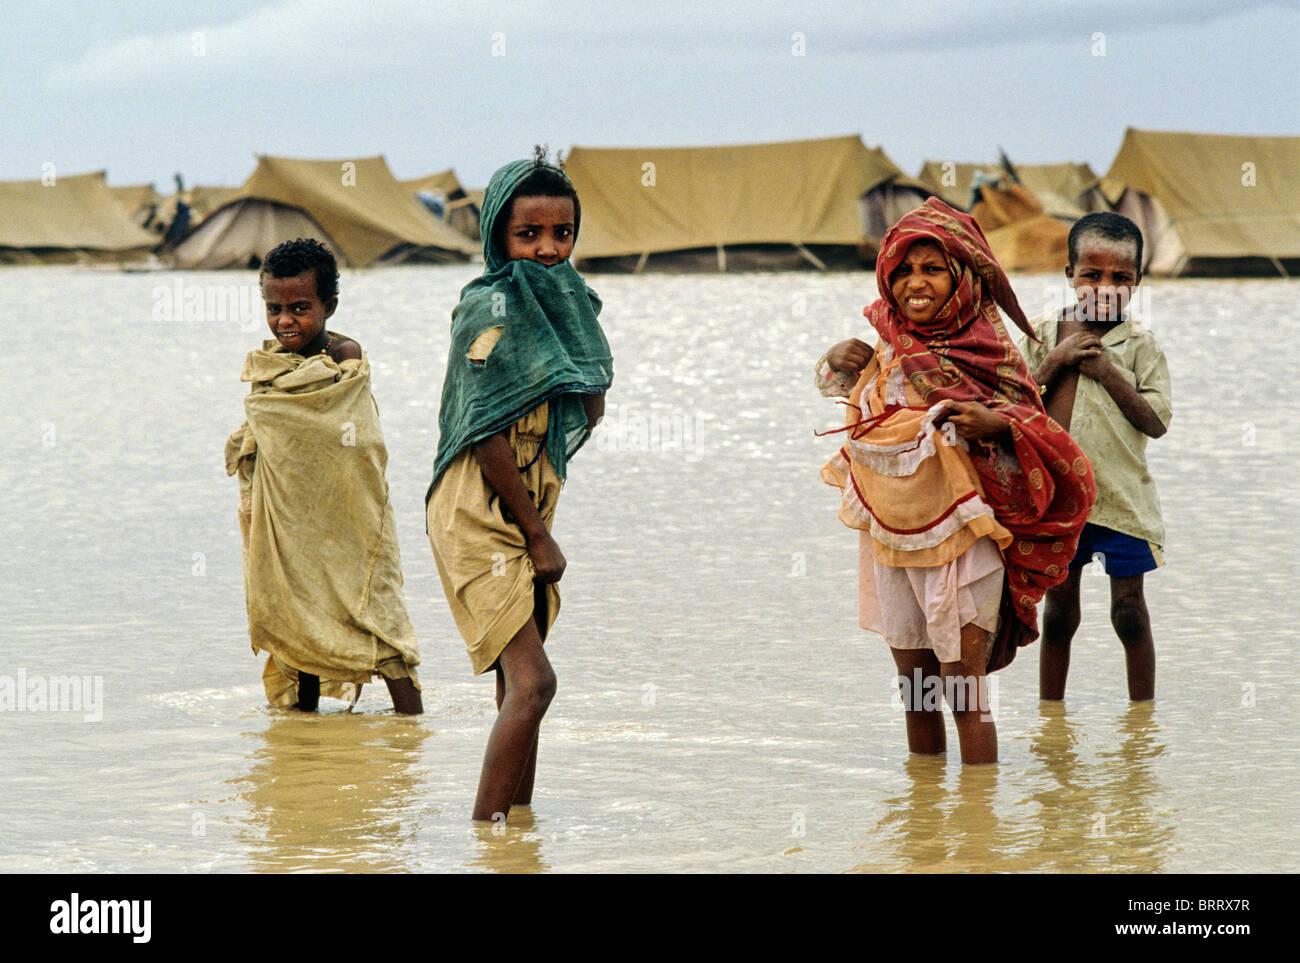 La carestia nella regione del Darfur del Sudan, 1985. I bambini giocano in acqua dopo unseasonable piogge pesanti Immagini Stock